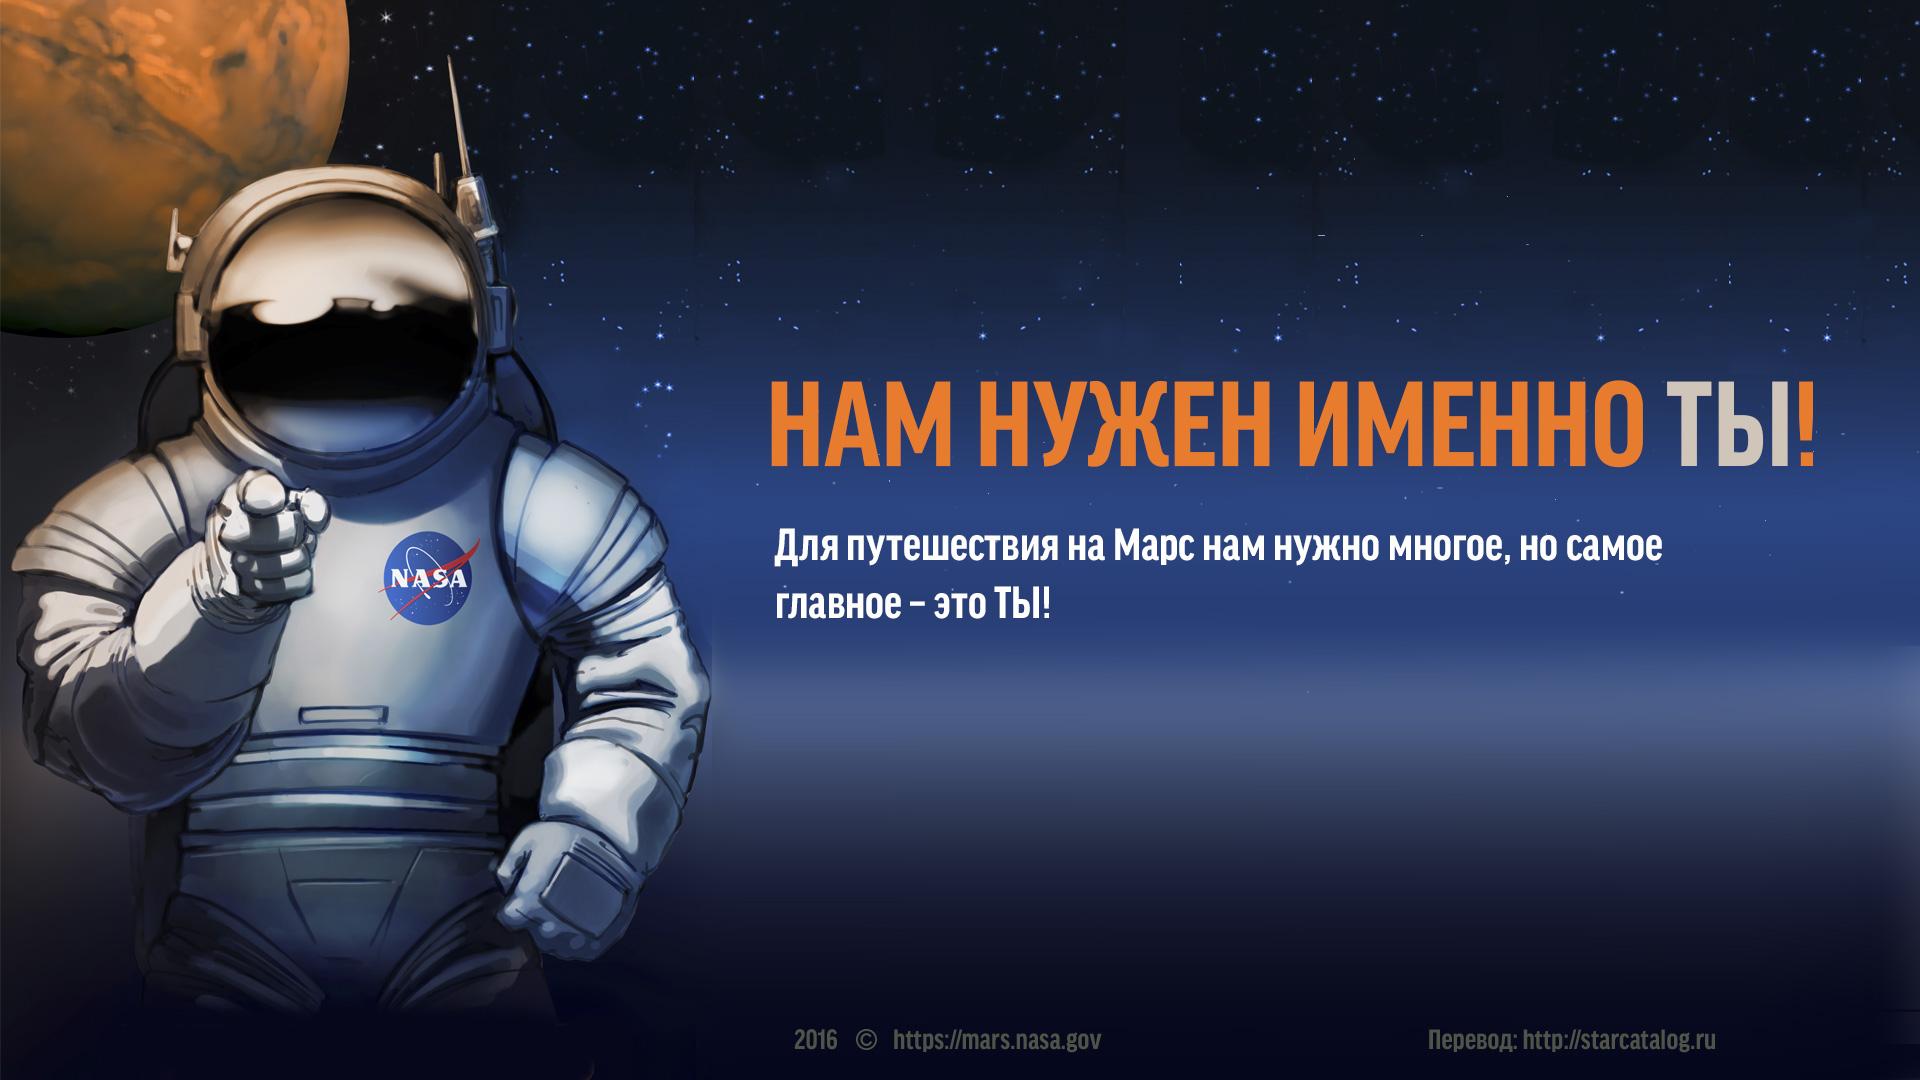 Инфографика плакат путешествие на Марс, звездный каталог